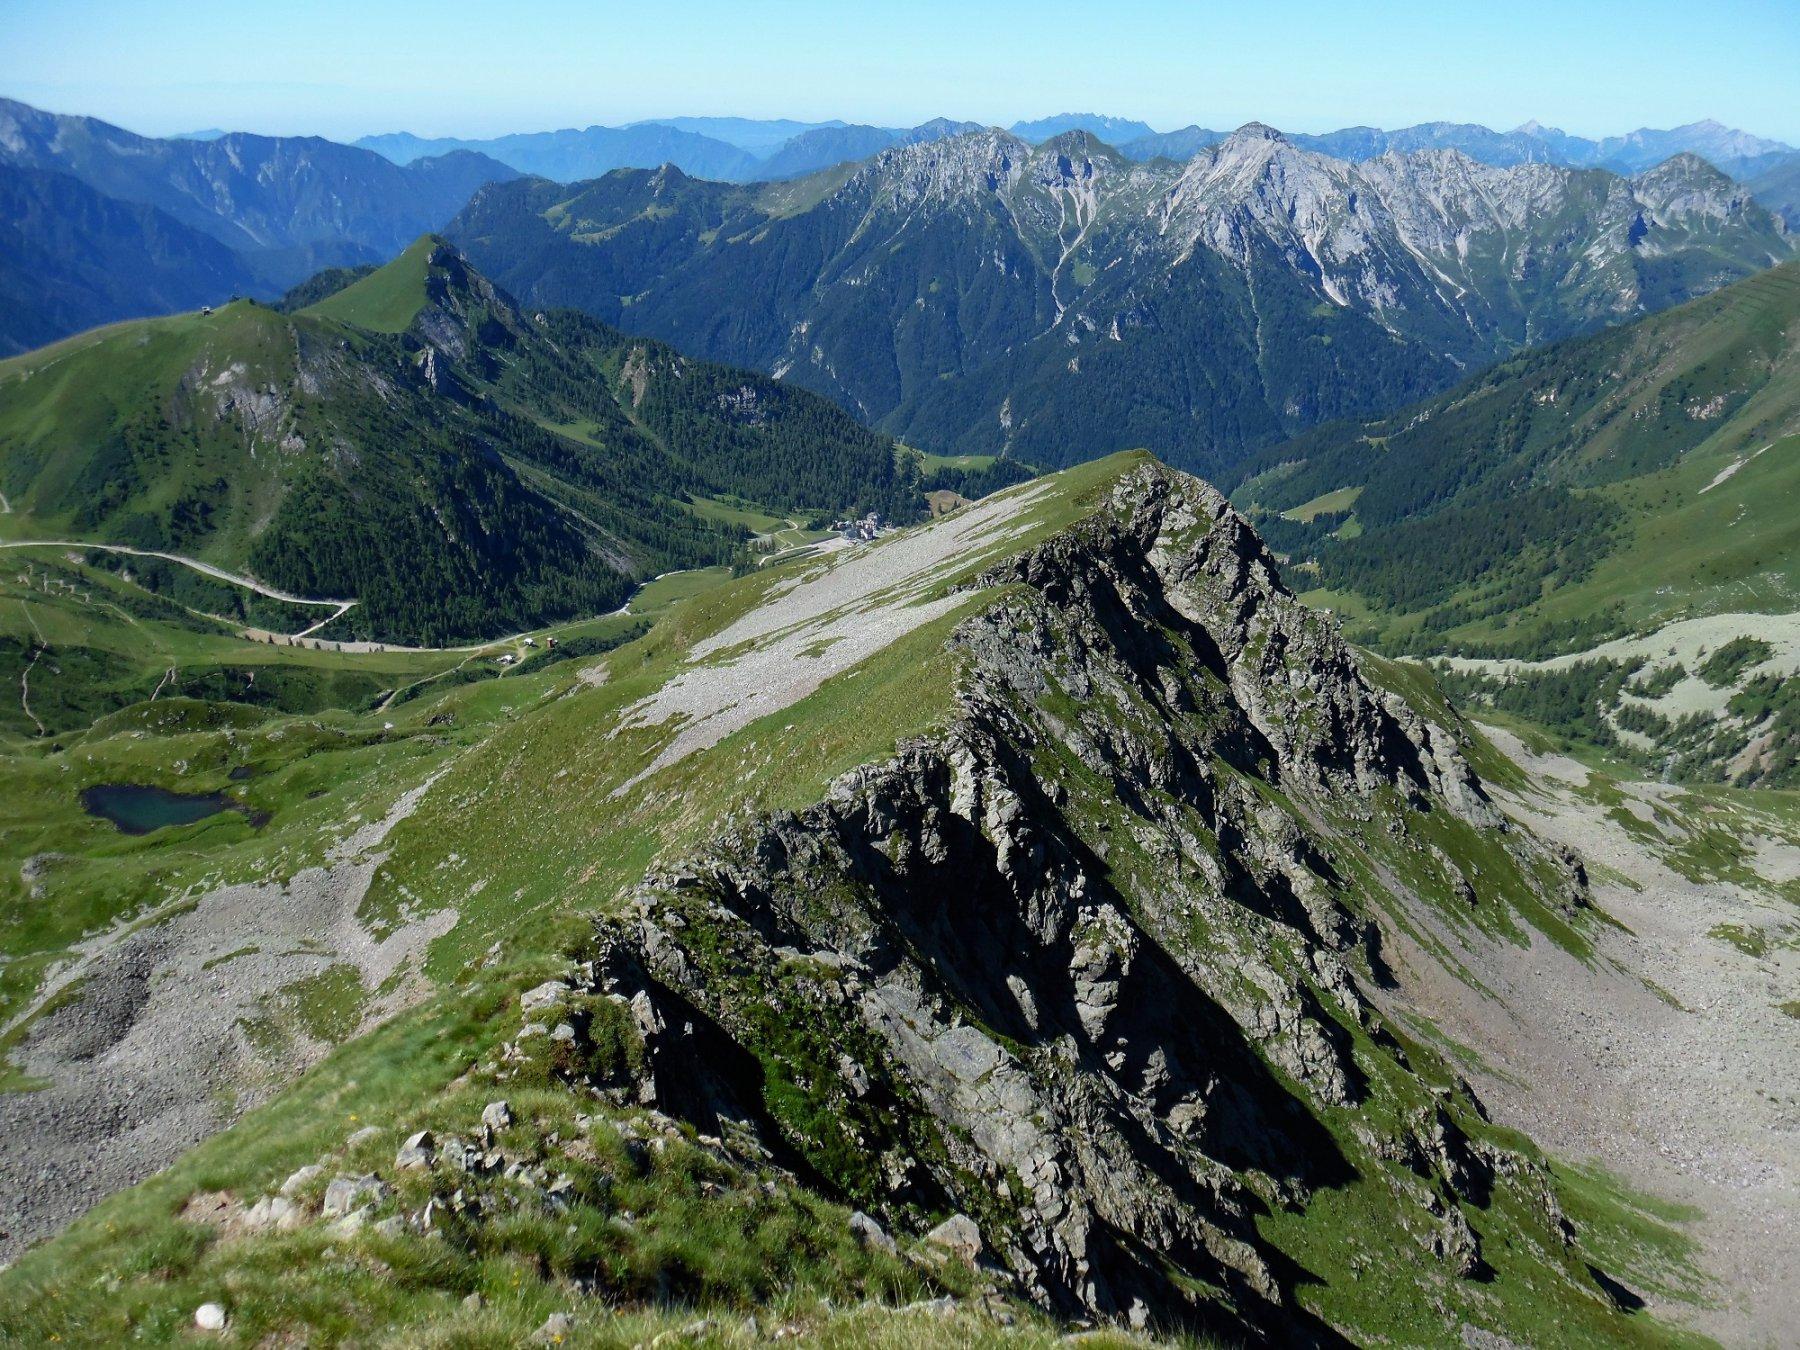 Cresta sud-ovest di discesa. Dietro Pegherolo e Resegone